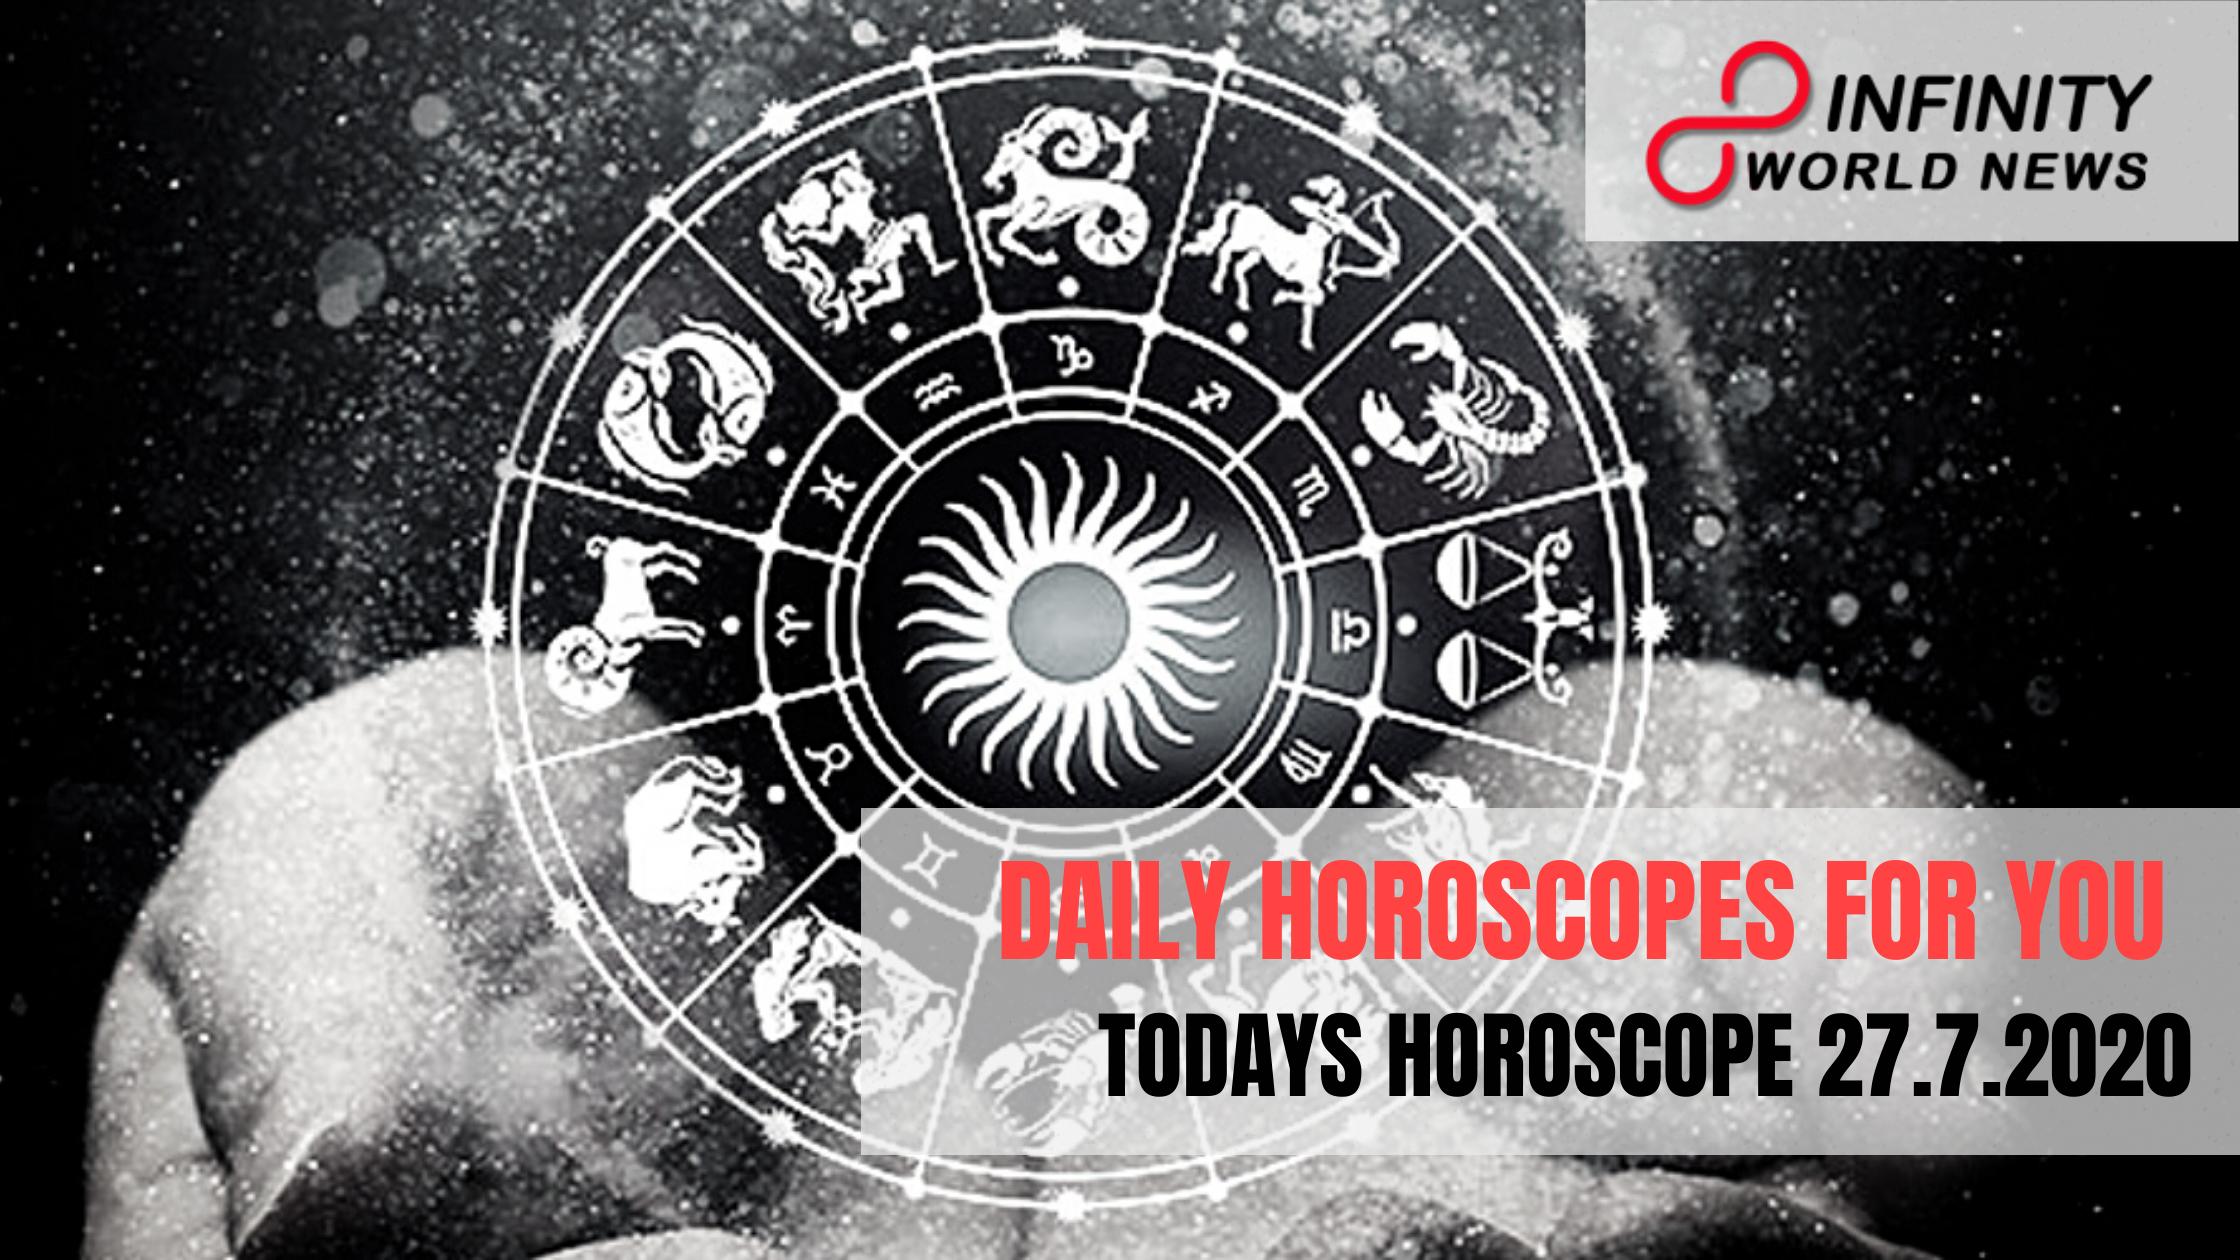 Daily Horoscope 27.7.2020